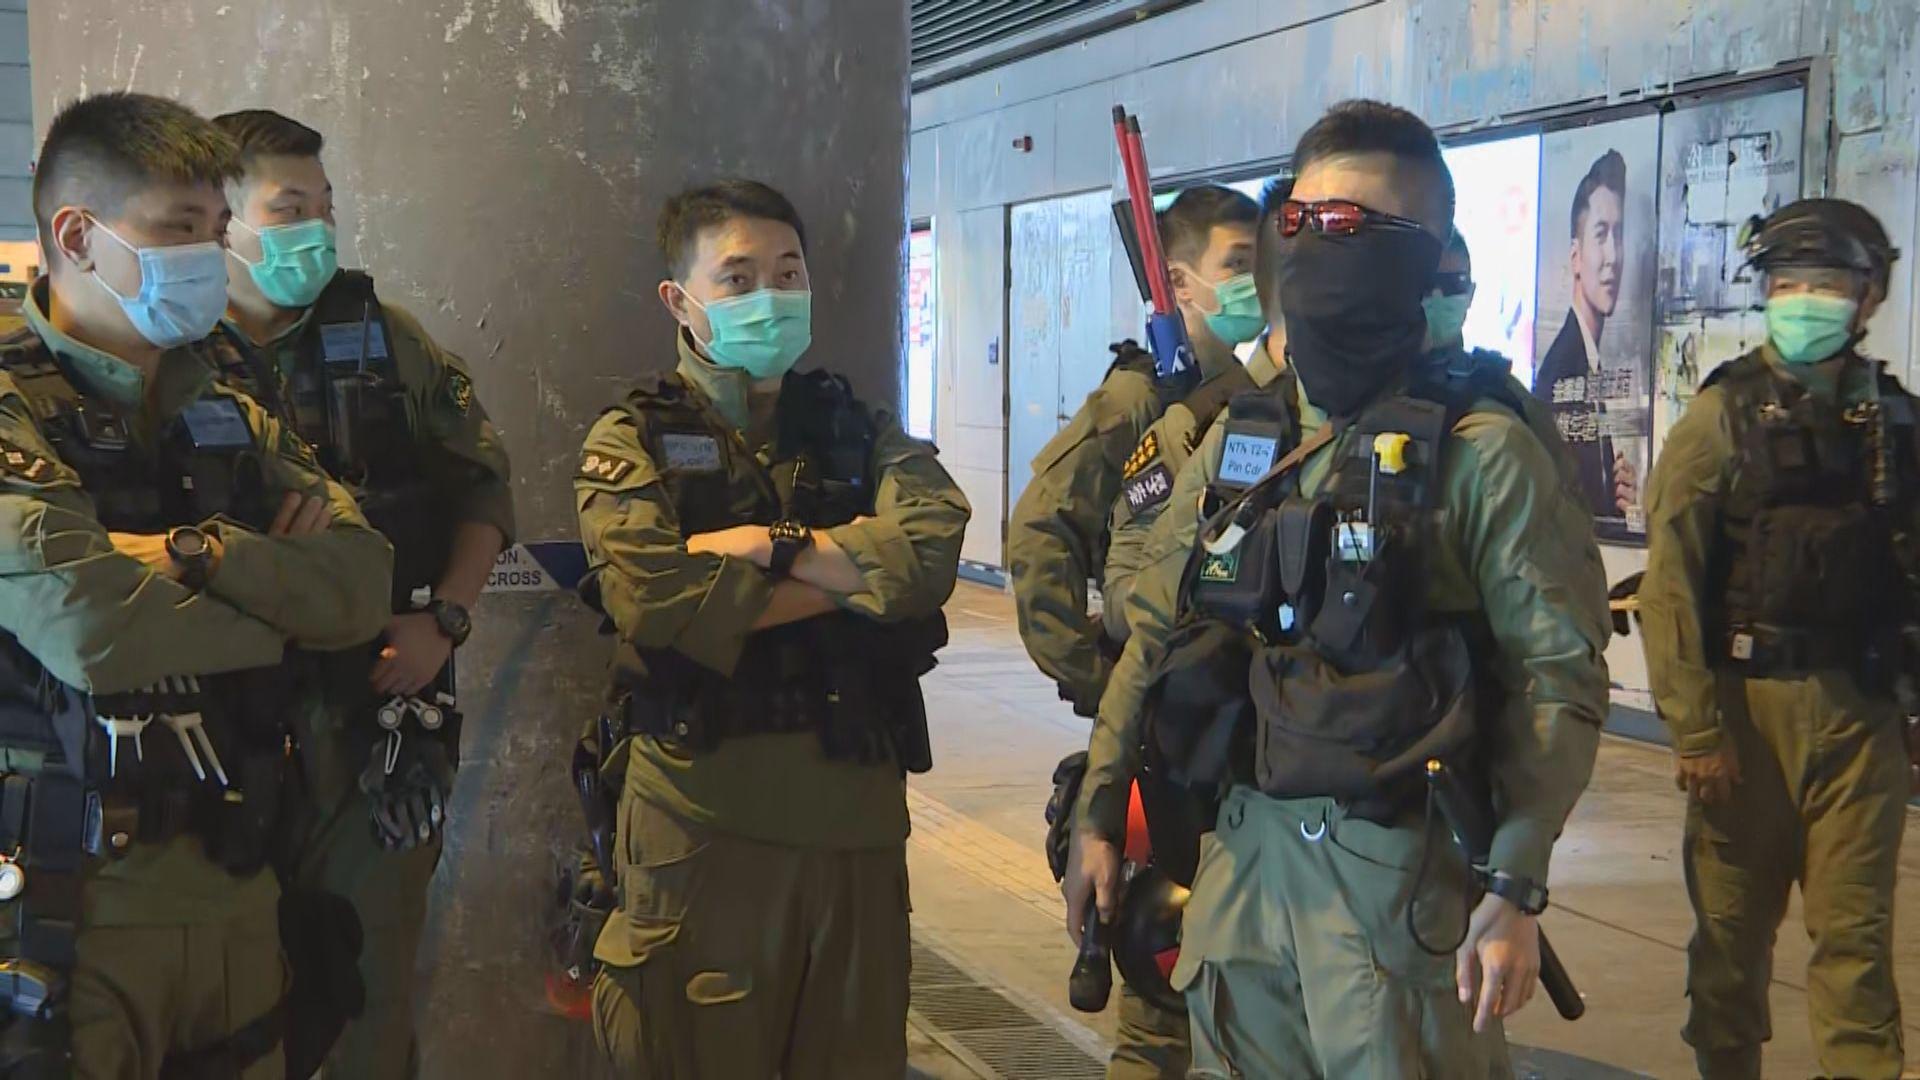 元朗721事件一周年 防暴警員在元朗站戒備